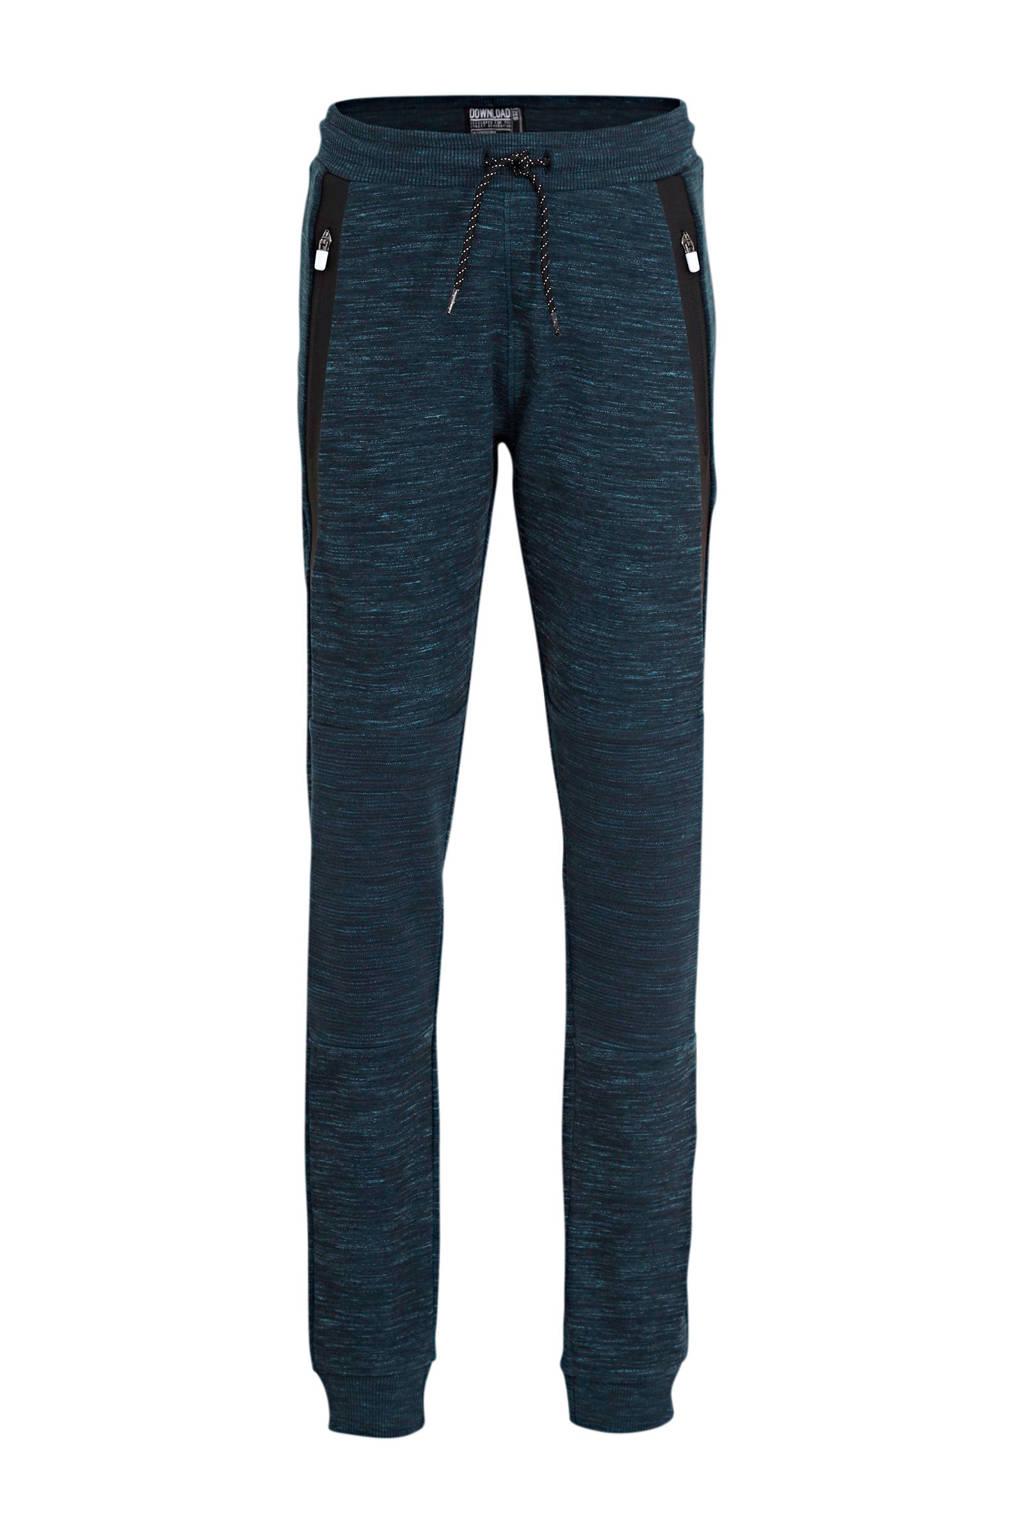 C&A gemêleerde broek donkerblauw, Donkerblauw